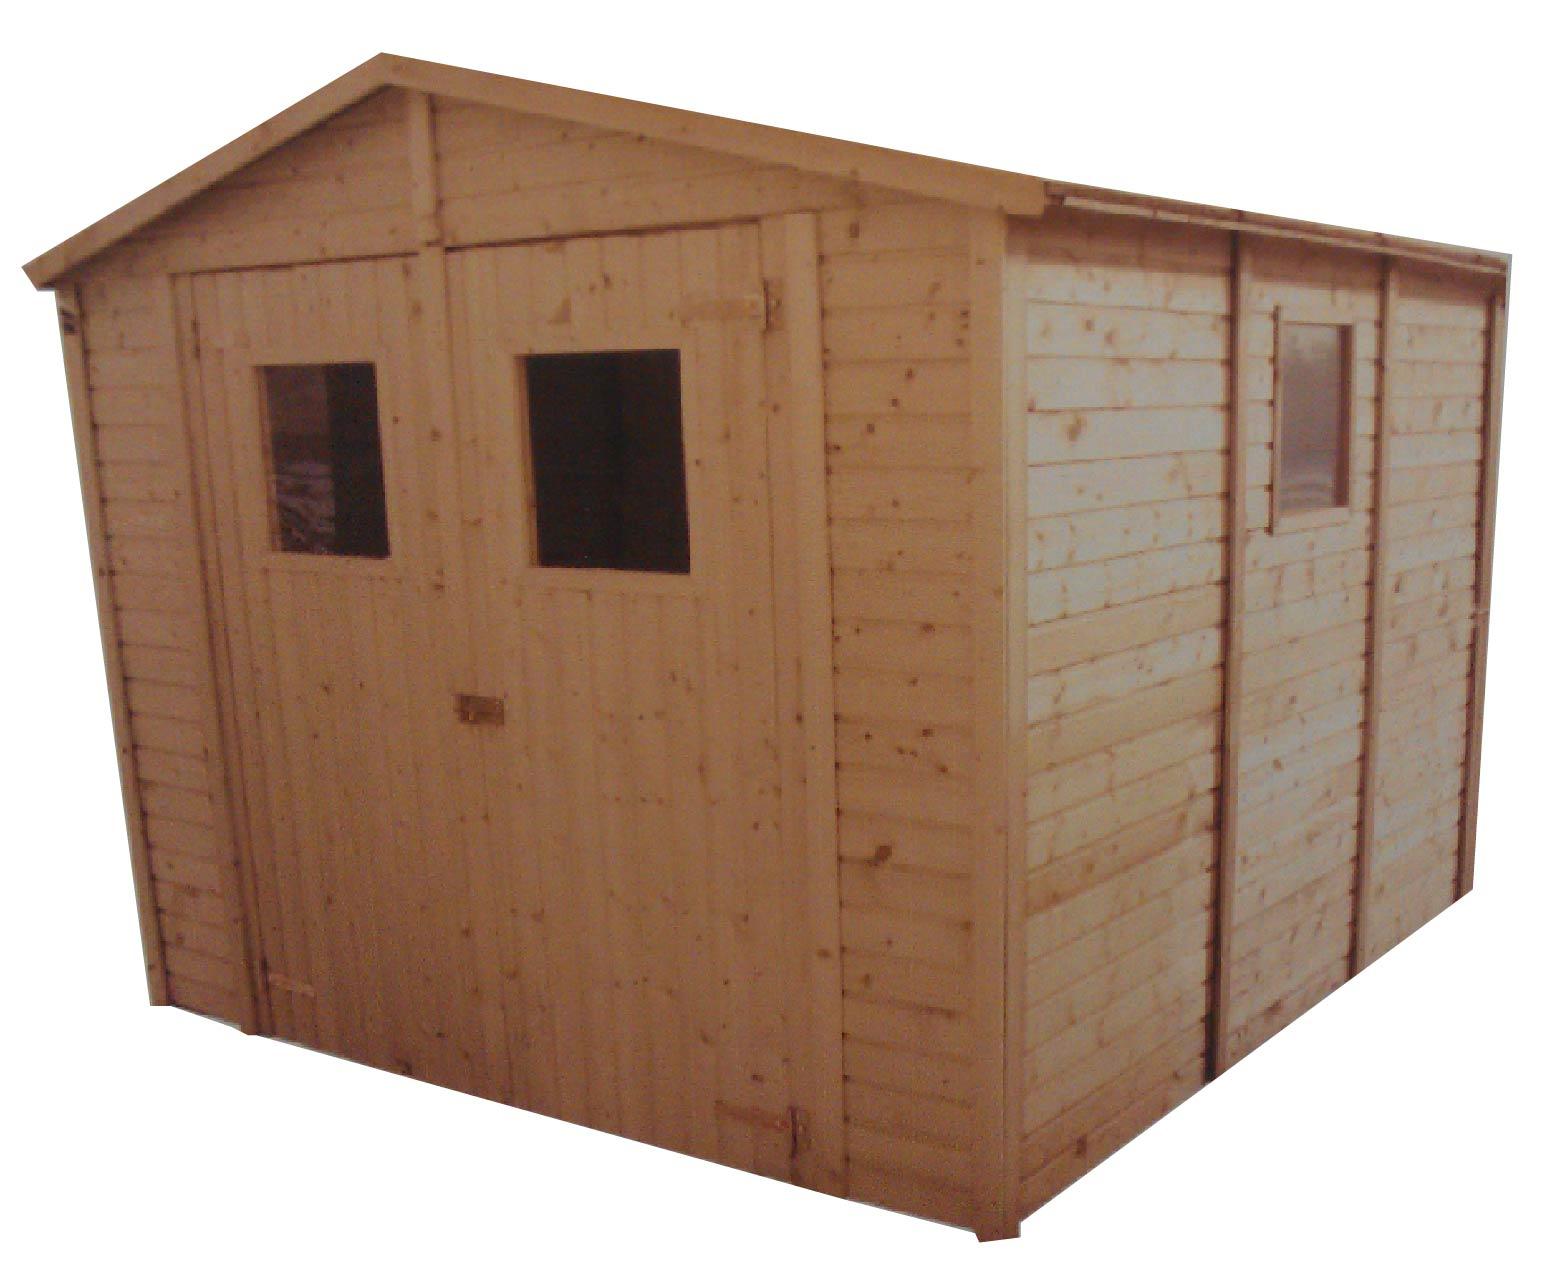 gartenh user bis 12 m2 gartenhaus aus holz 3 3m x 3 9m 16mm mit fenstern sevilla ii. Black Bedroom Furniture Sets. Home Design Ideas